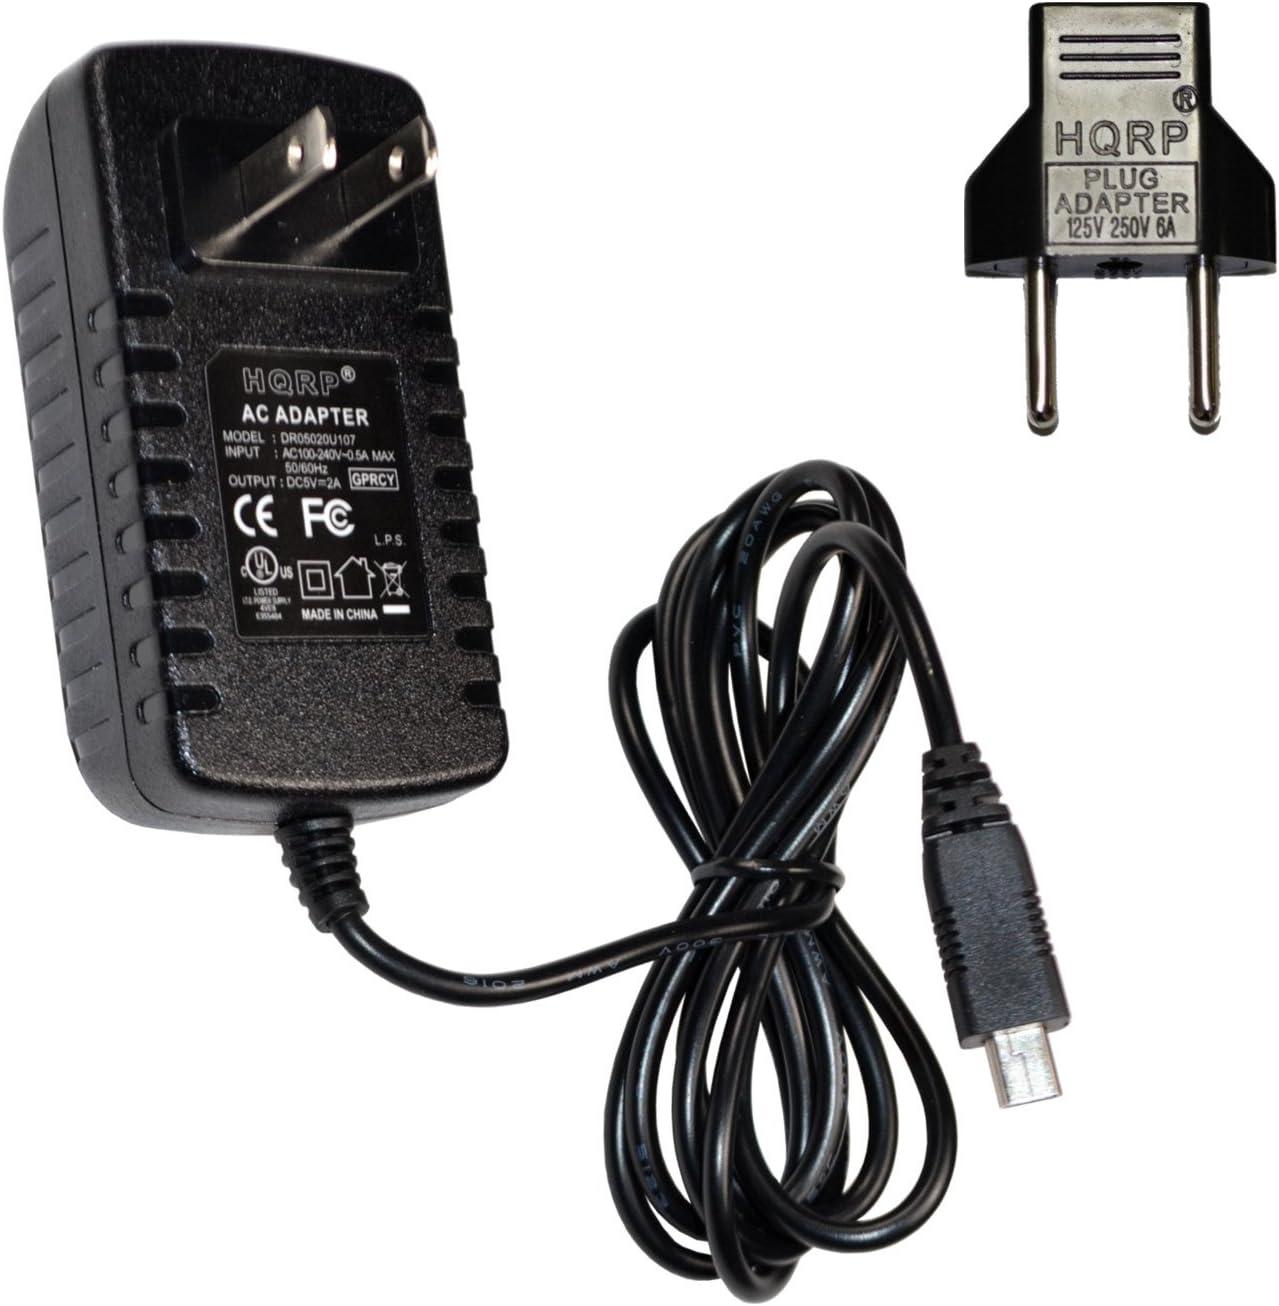 HQRP 5V Adaptador de CA/Cargador para Garmin Nuvi 2200 2300 2445LMT 2475LT 2545LMT 2595LMT GPS